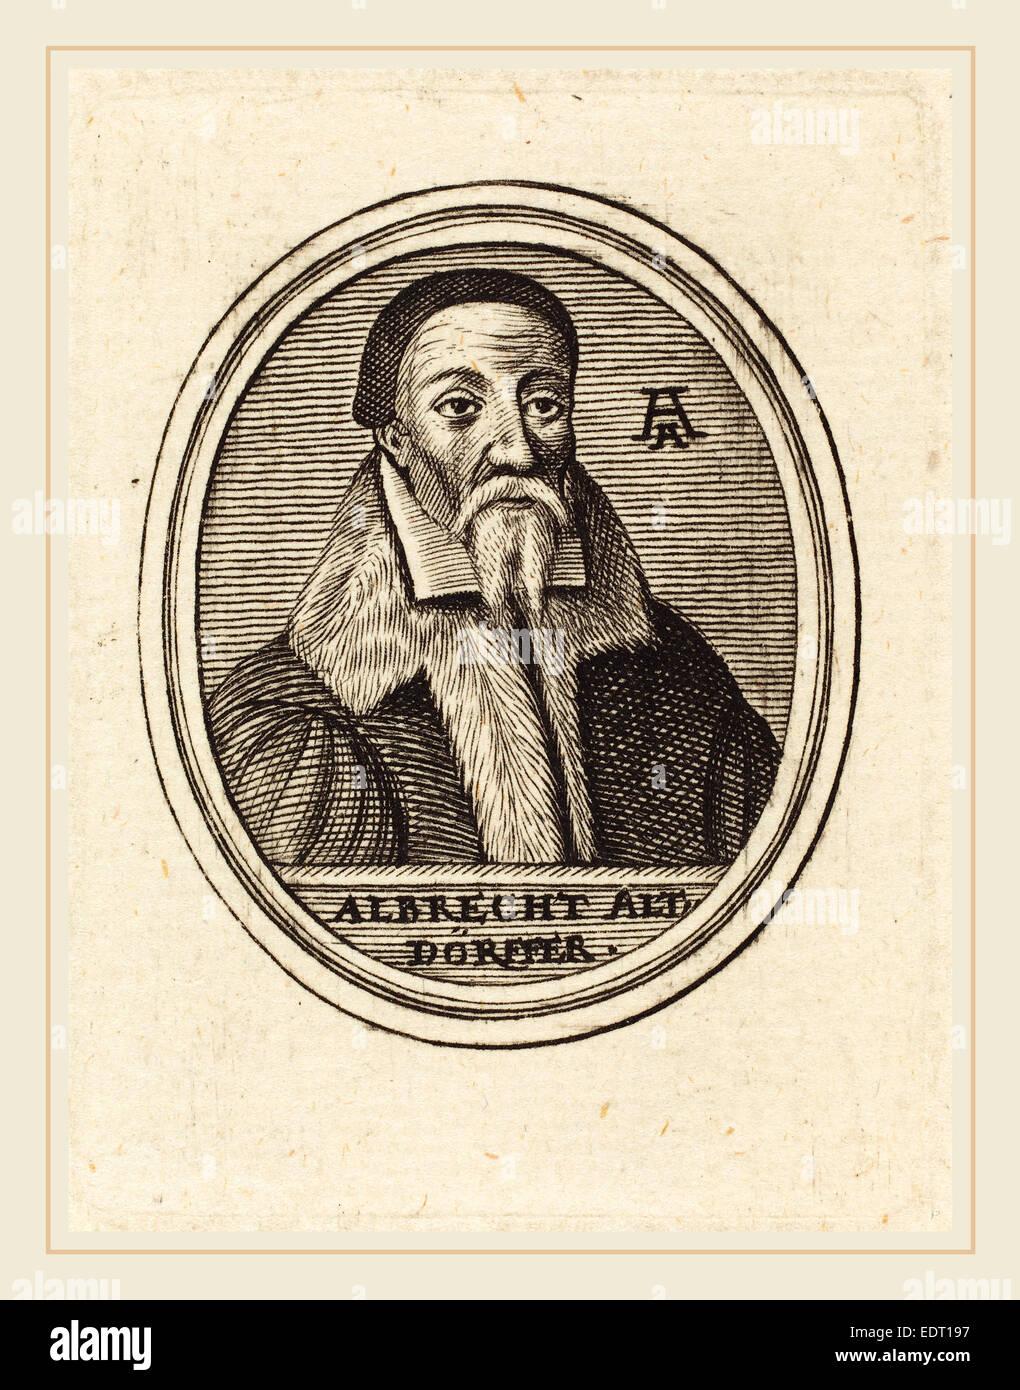 Unbekannte 16.Jahrhundert, Albrecht Altdorfer, Gravur Stockbild